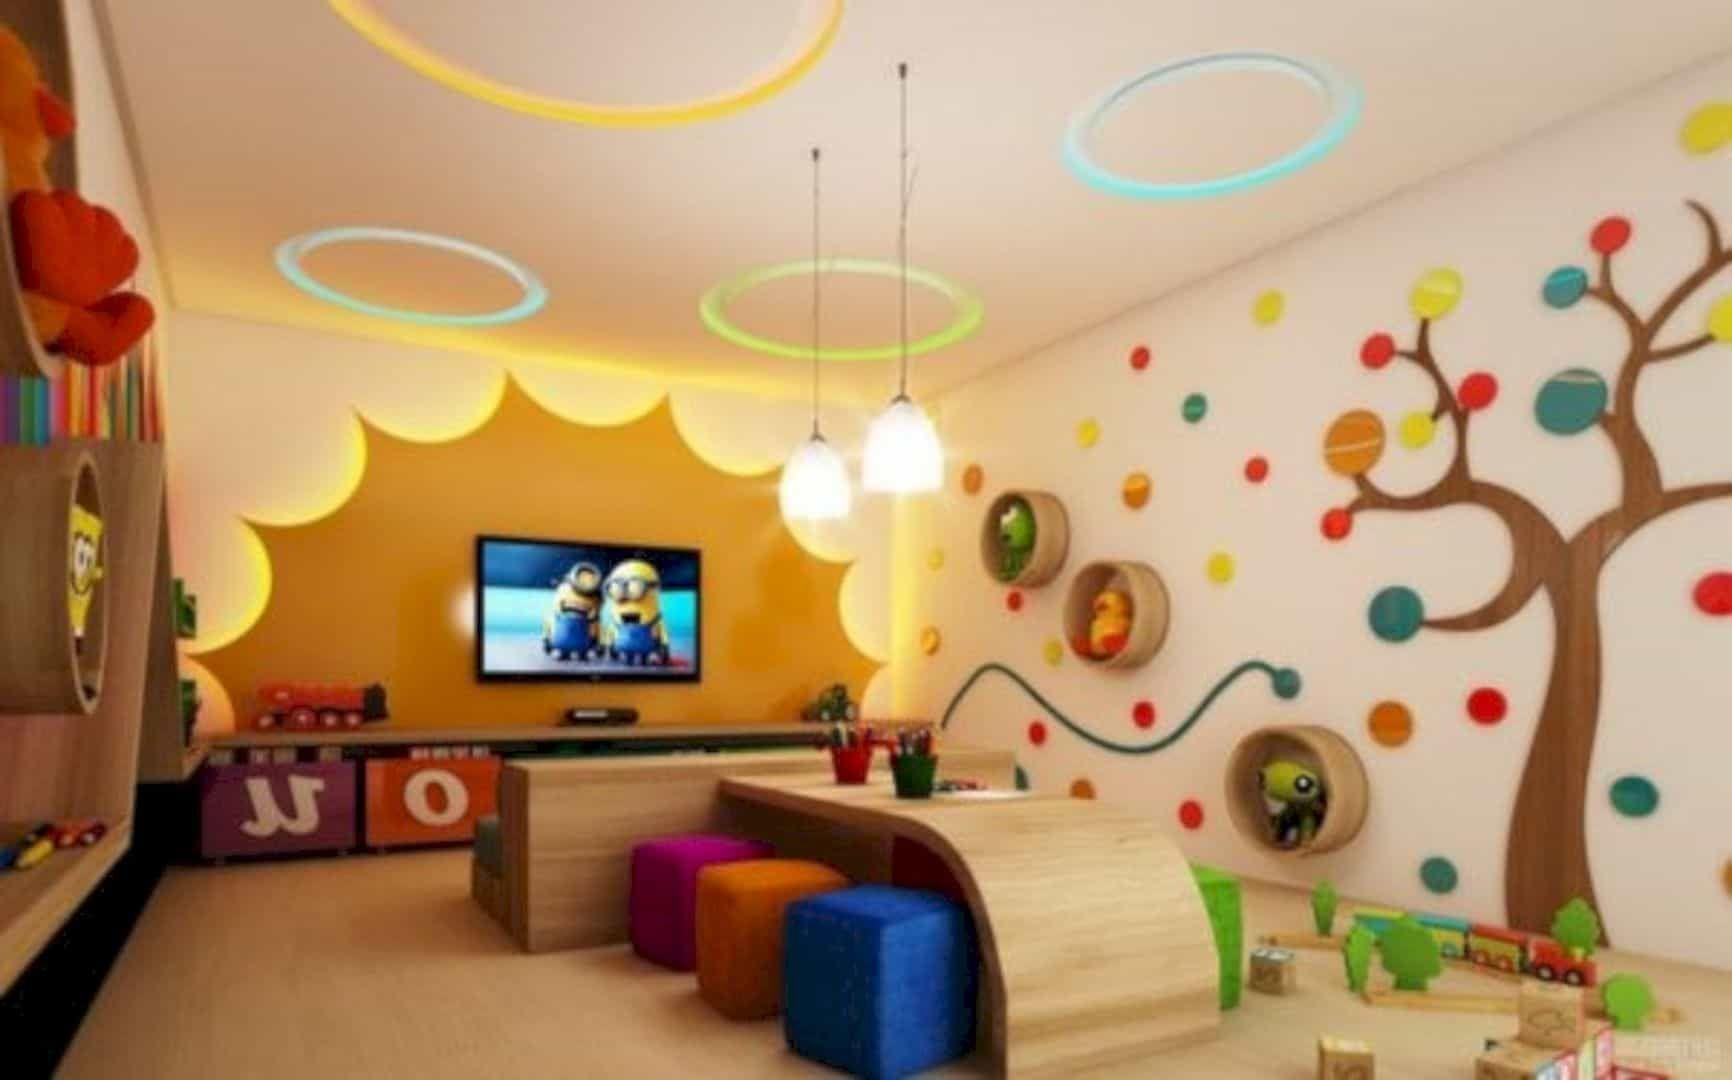 Stunning Kids Playground Design Idea 128 Kindergarten Interior